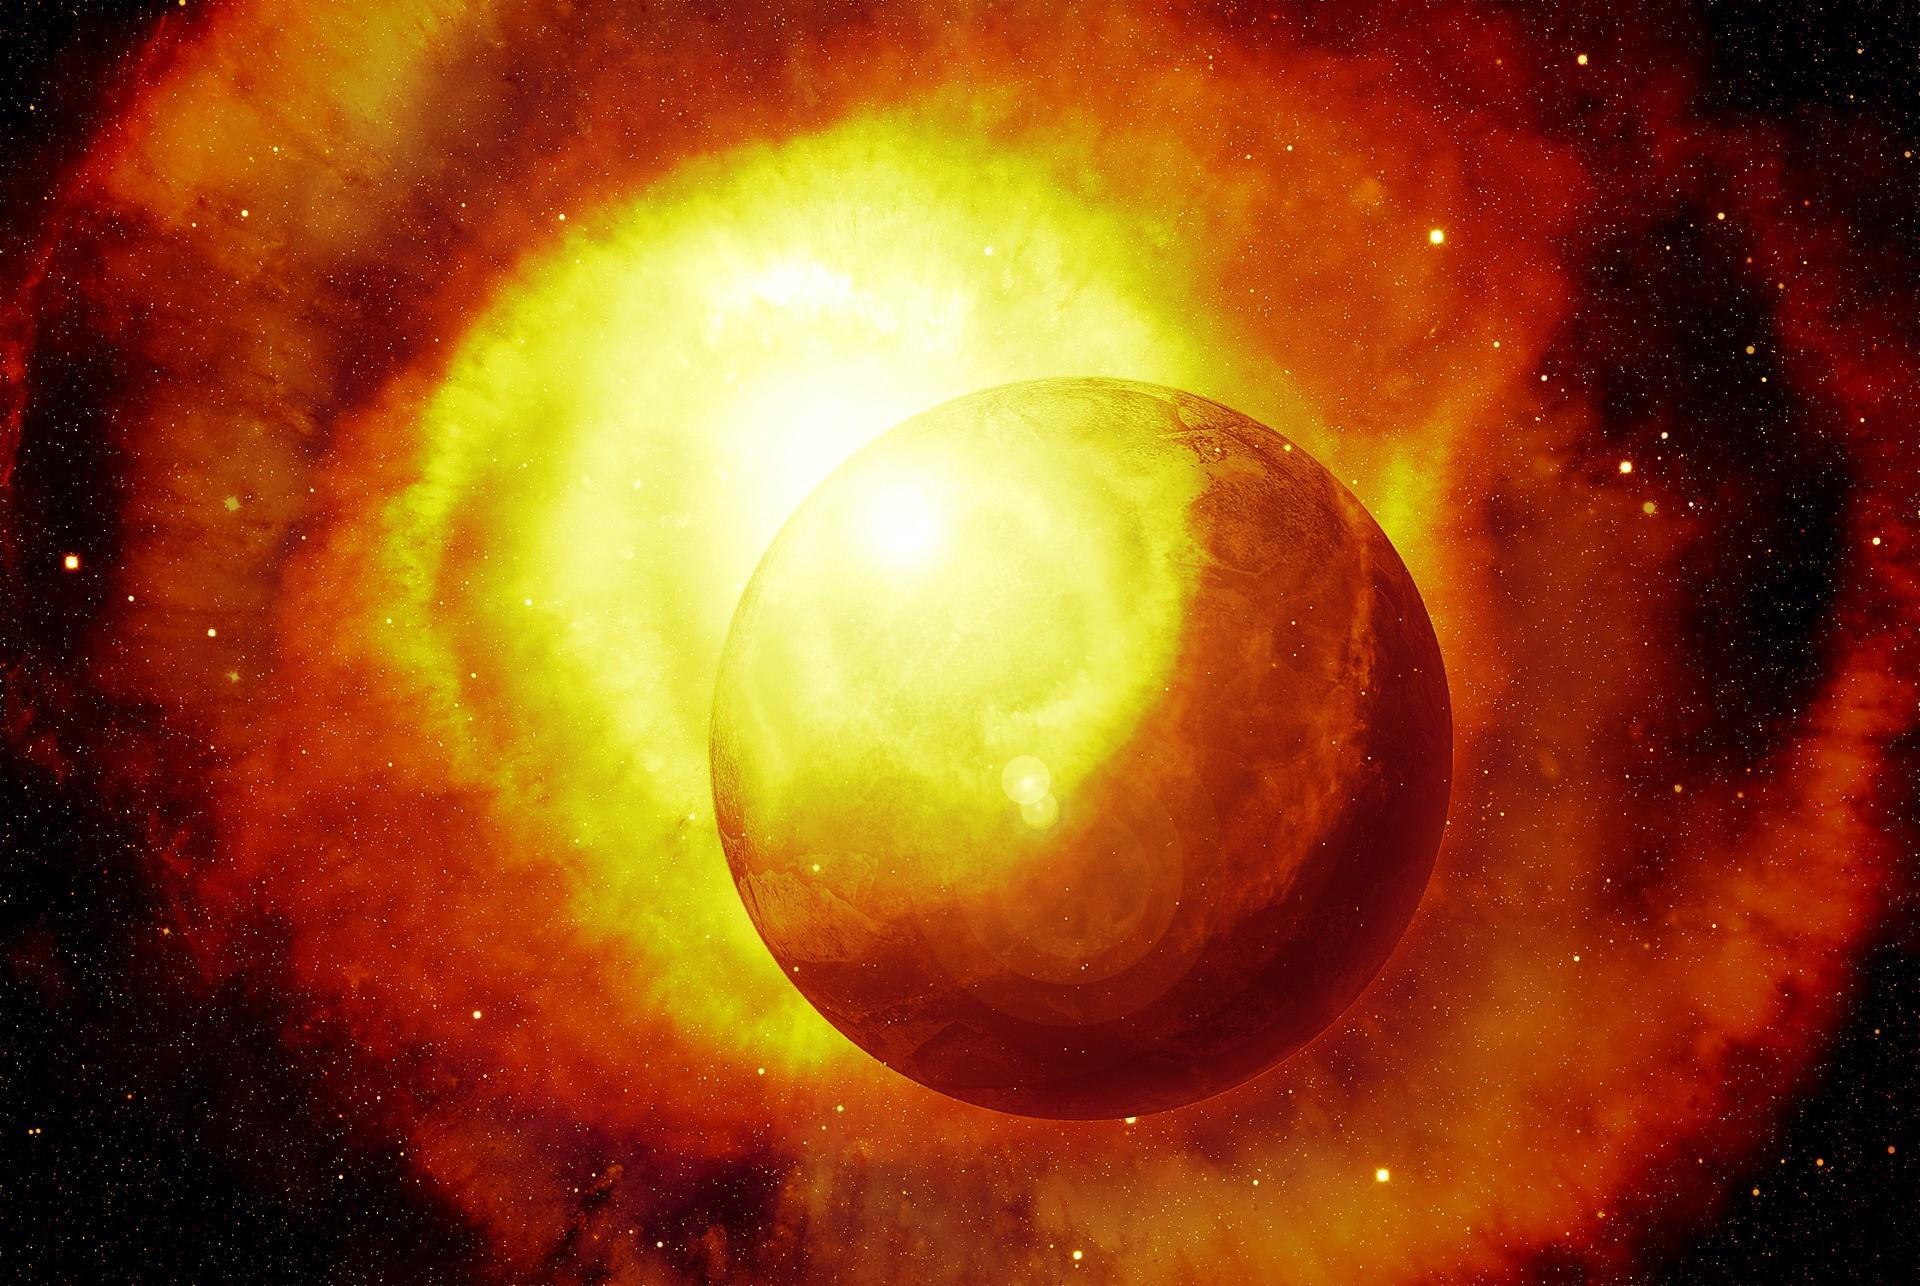 25 мая, новости науки, нибиру, конец света, новости россии, бомба, планета х, звезда смерти, апокалипсис